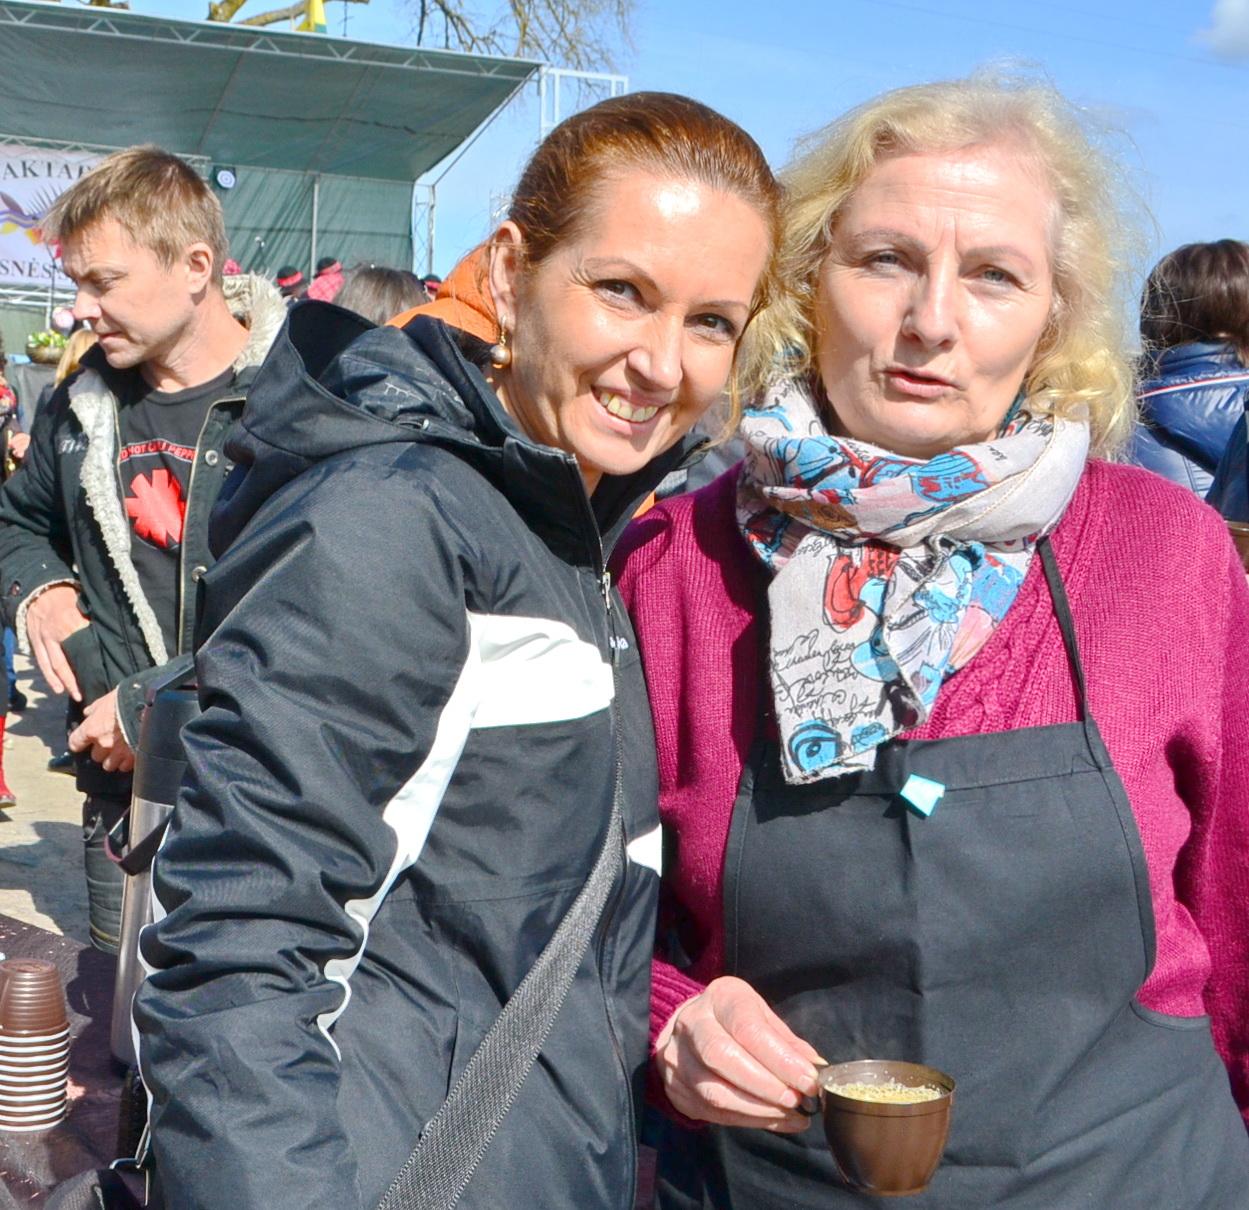 Salos etnokultūros ir informacijos centro direktorė Birutė Servienė ir vadybininkė Sonata Verbučianskė vaišino kafija